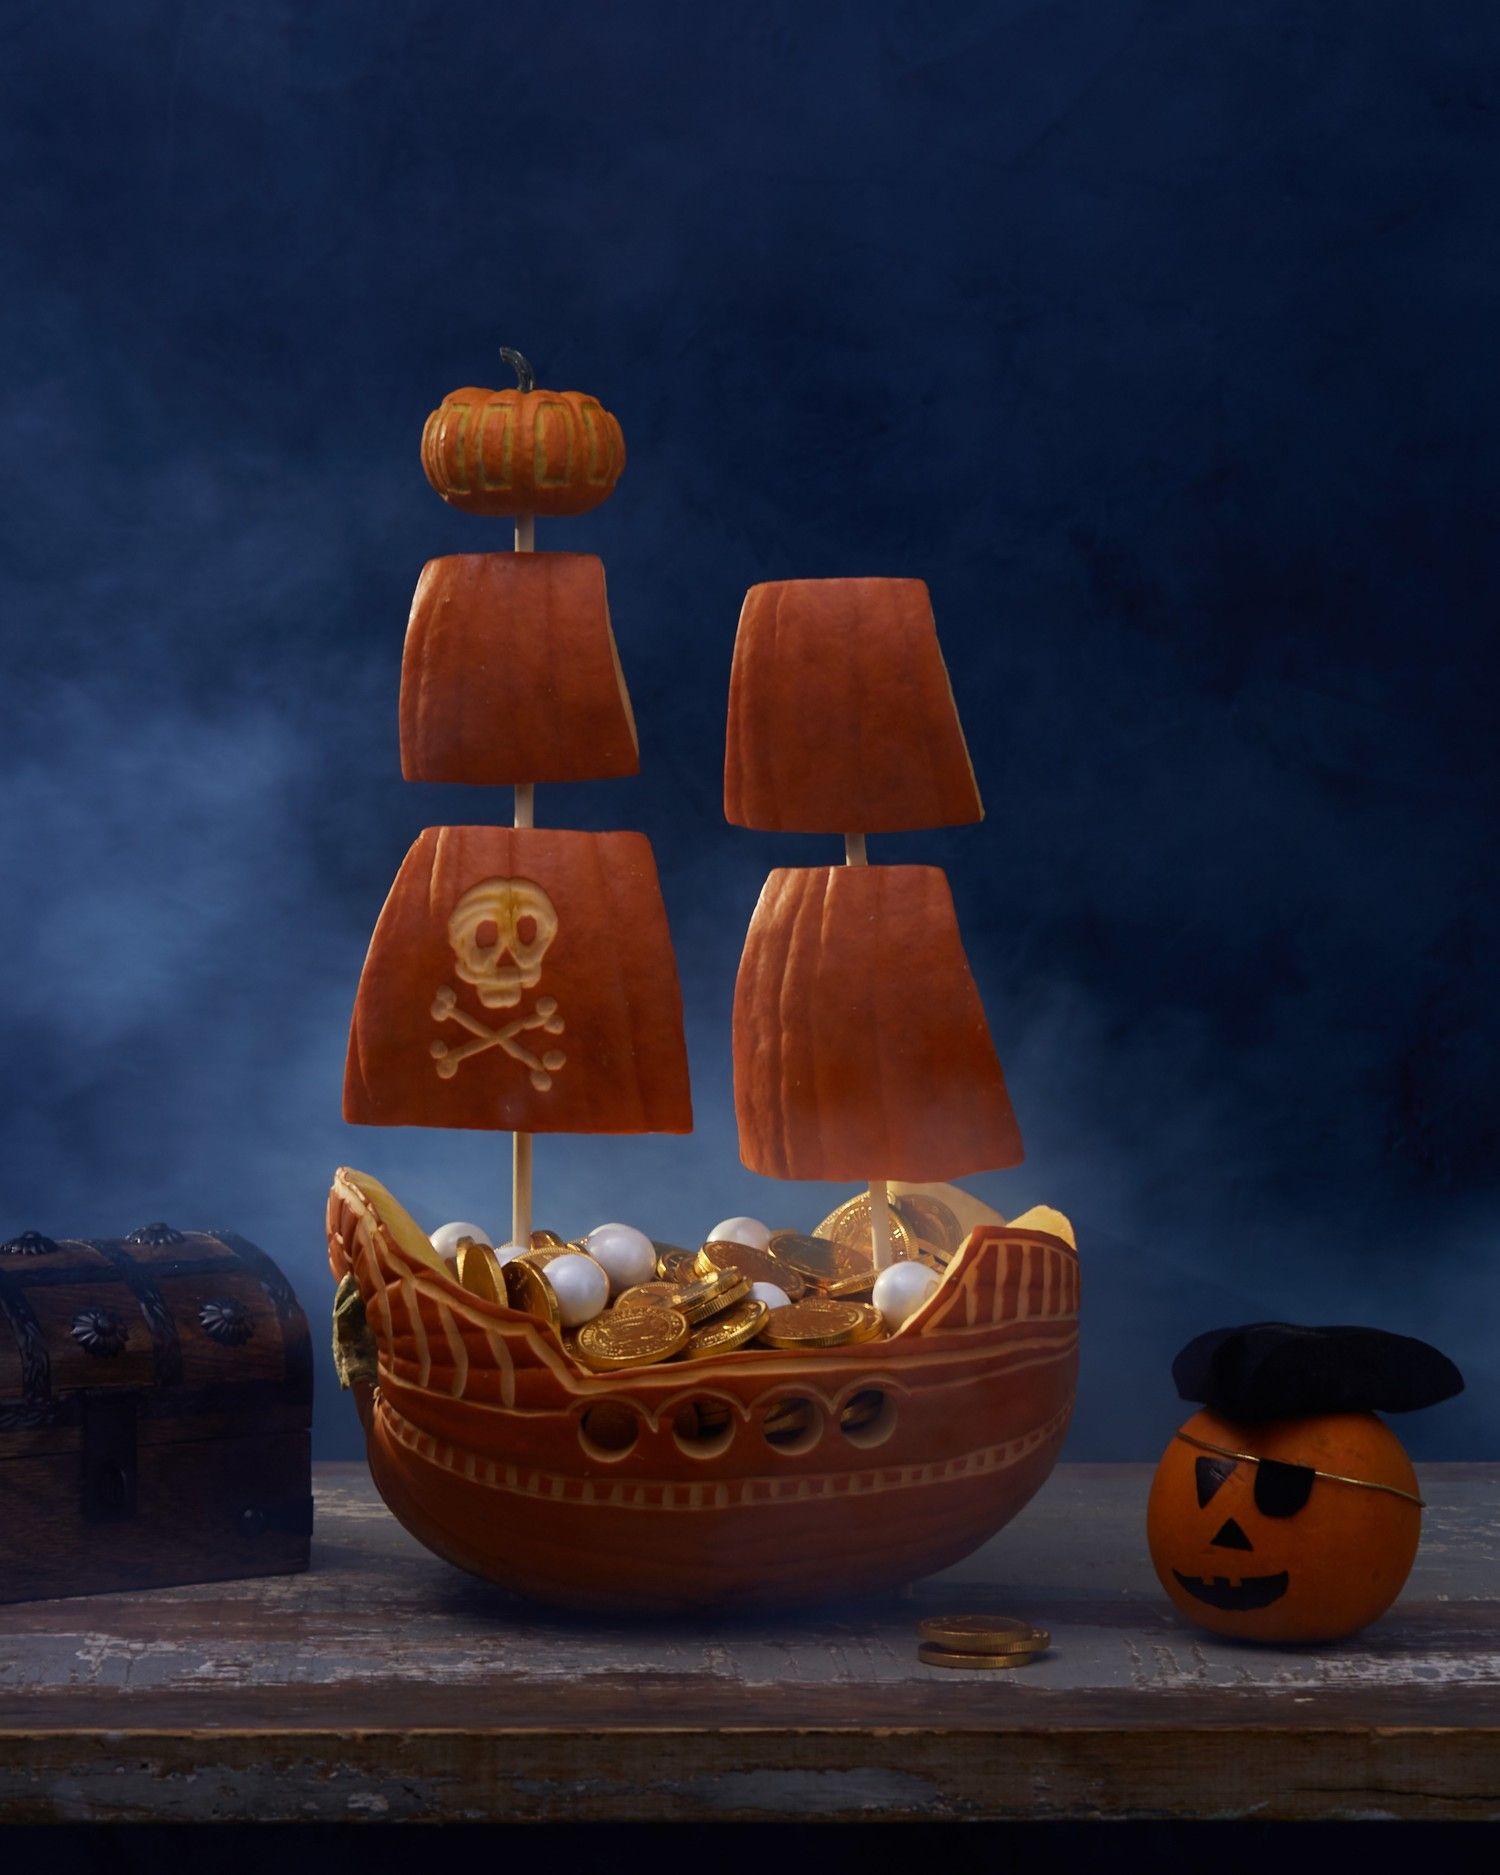 Halloween Pumpkin Carving Patterns and Pumpkin Templates